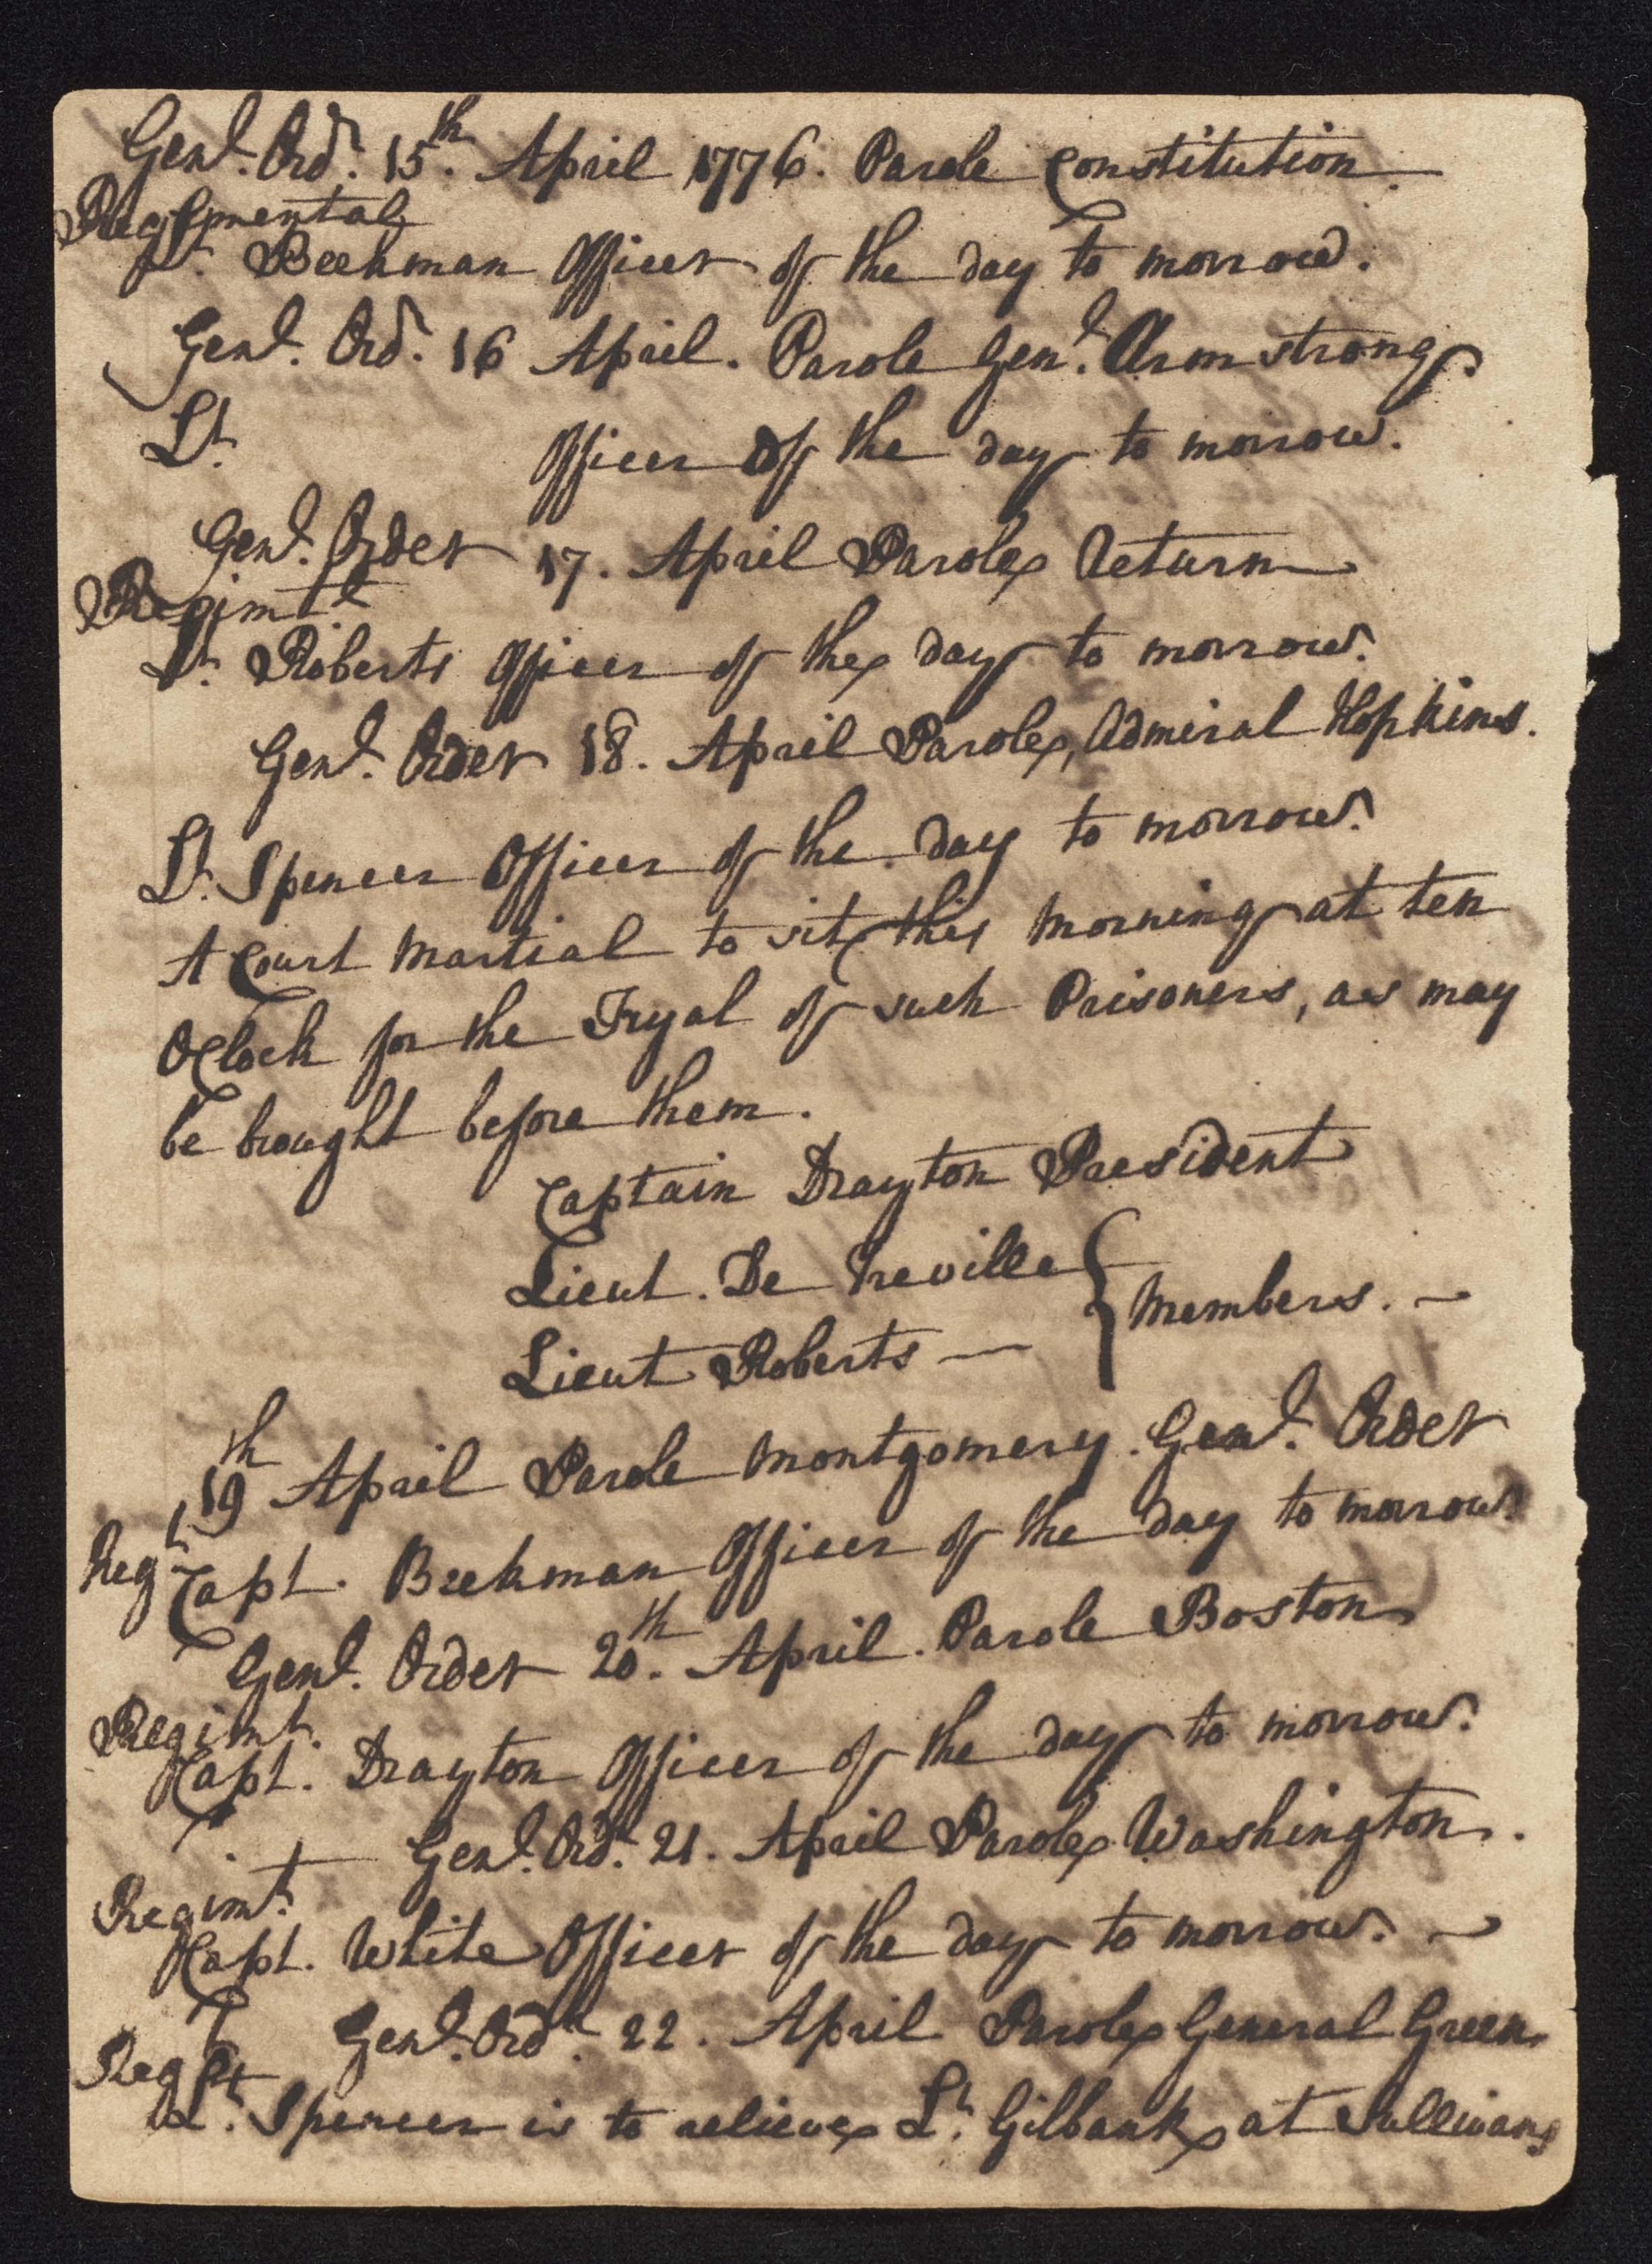 South Carolina Regiment Order Book, Page 94